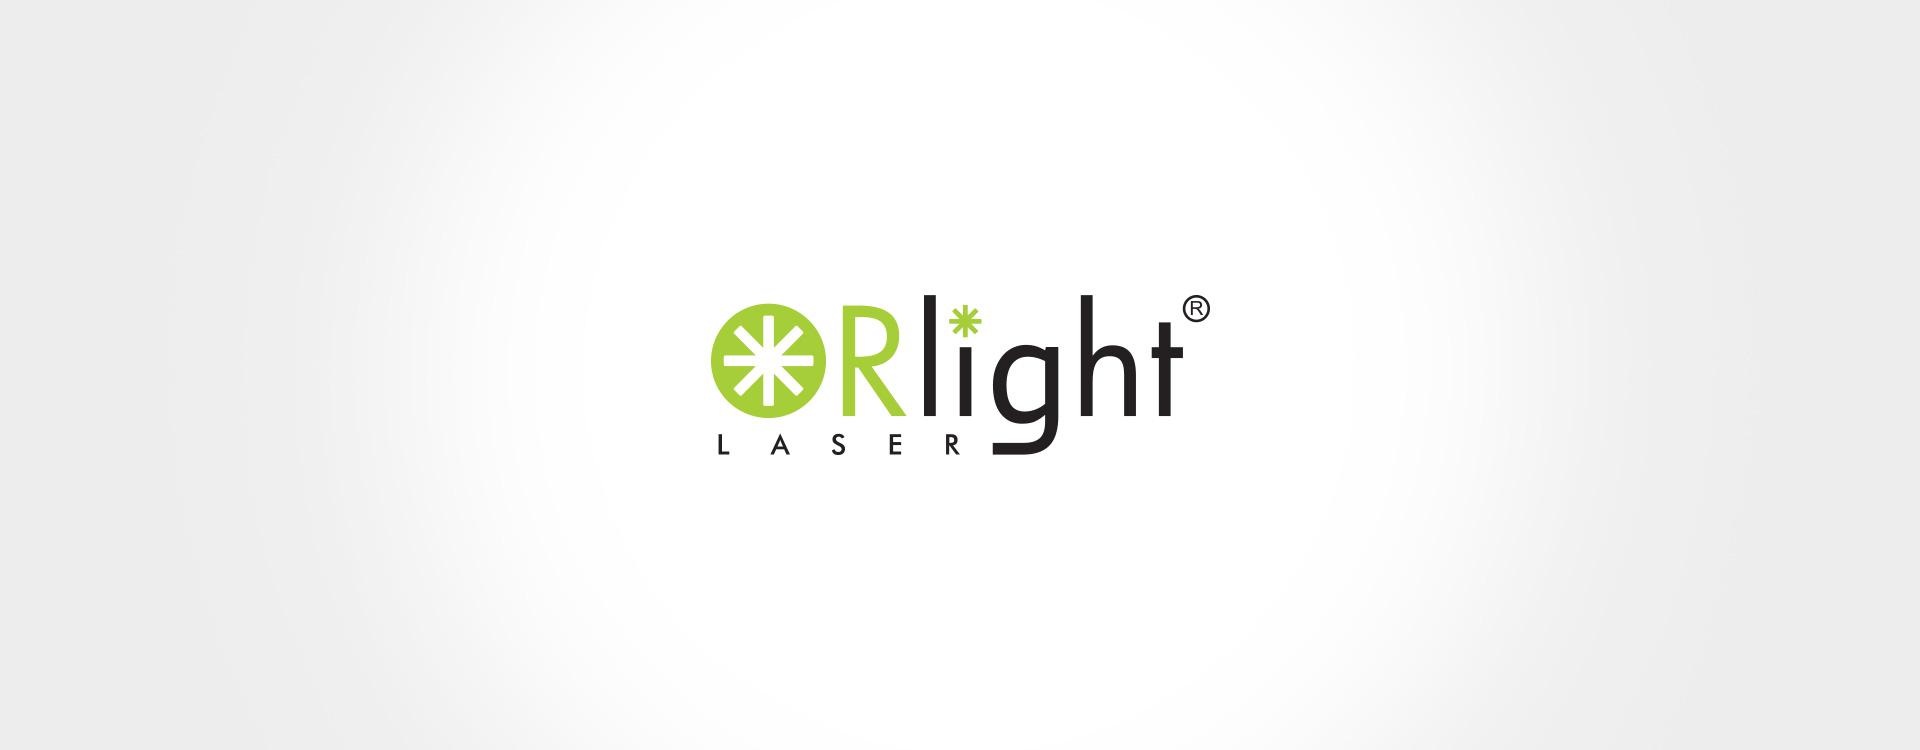 Orlight Laser